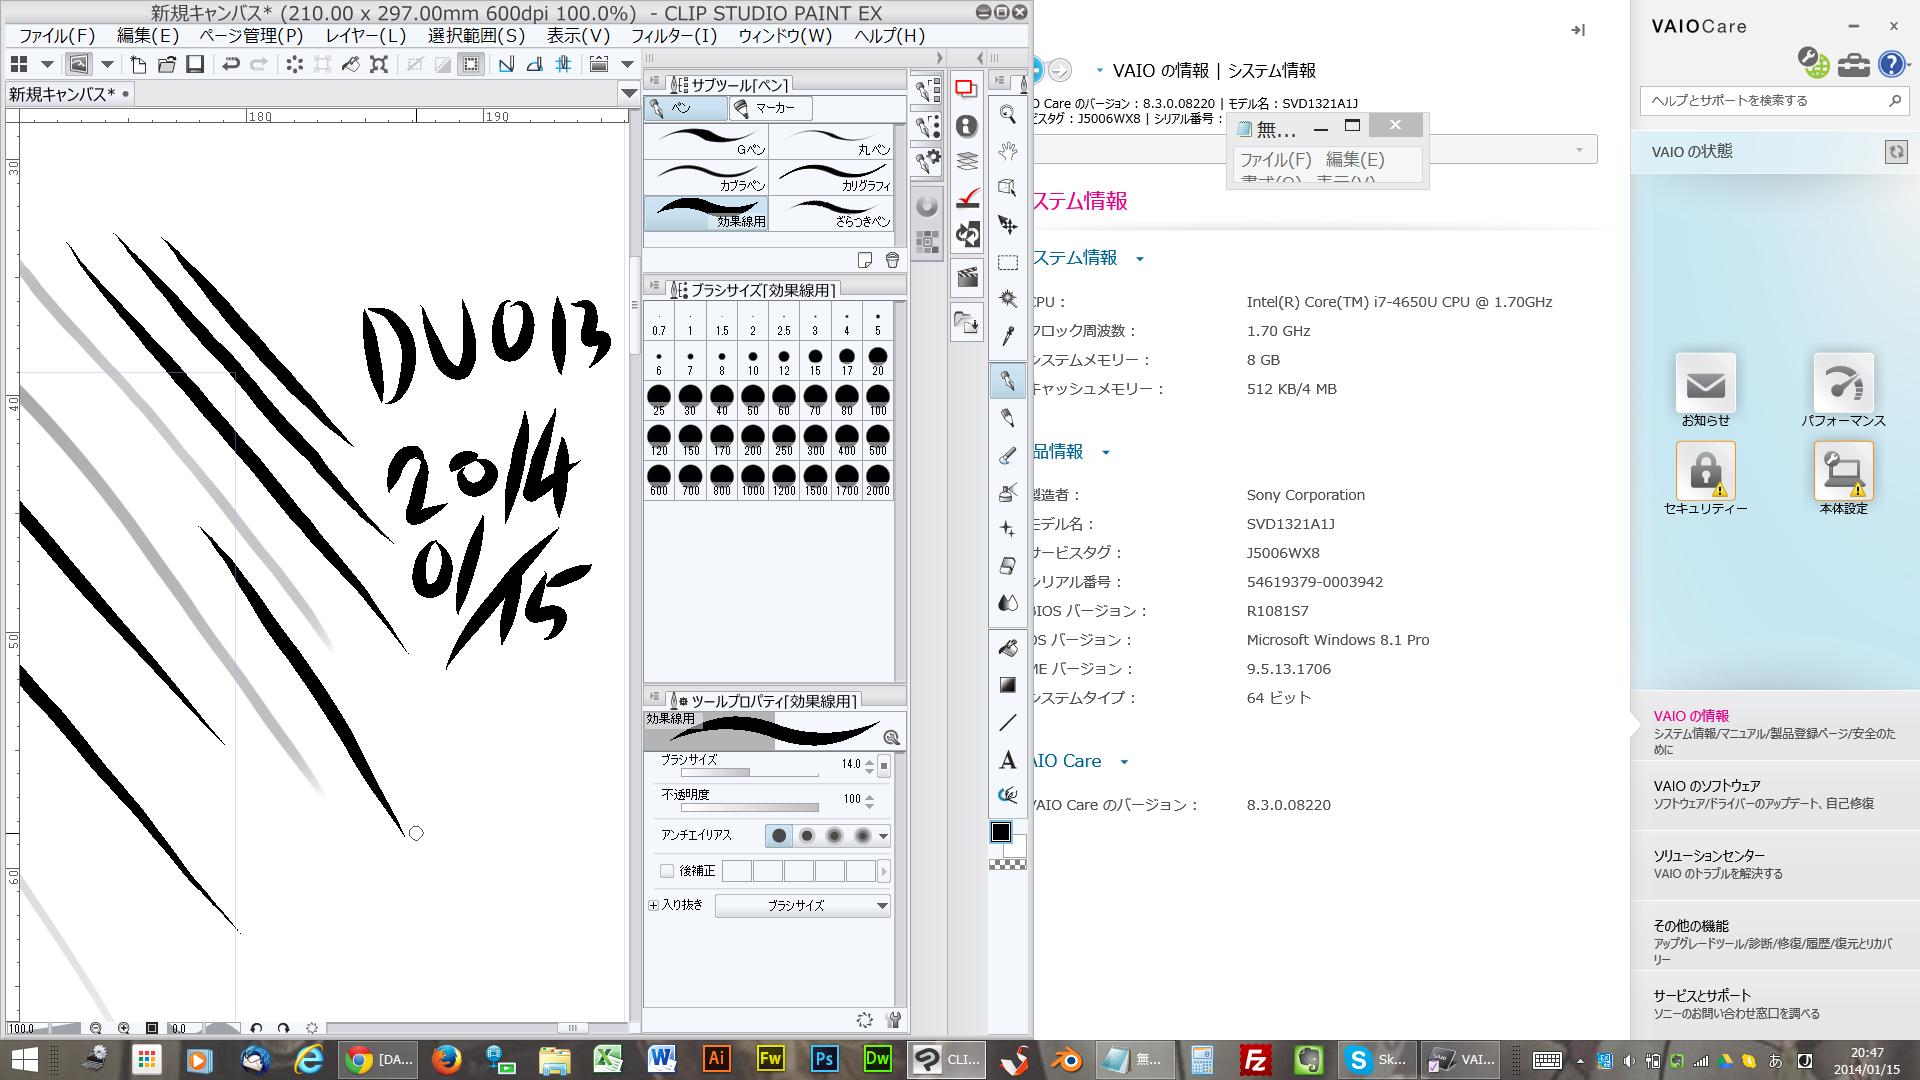 スクリーンショット 201401